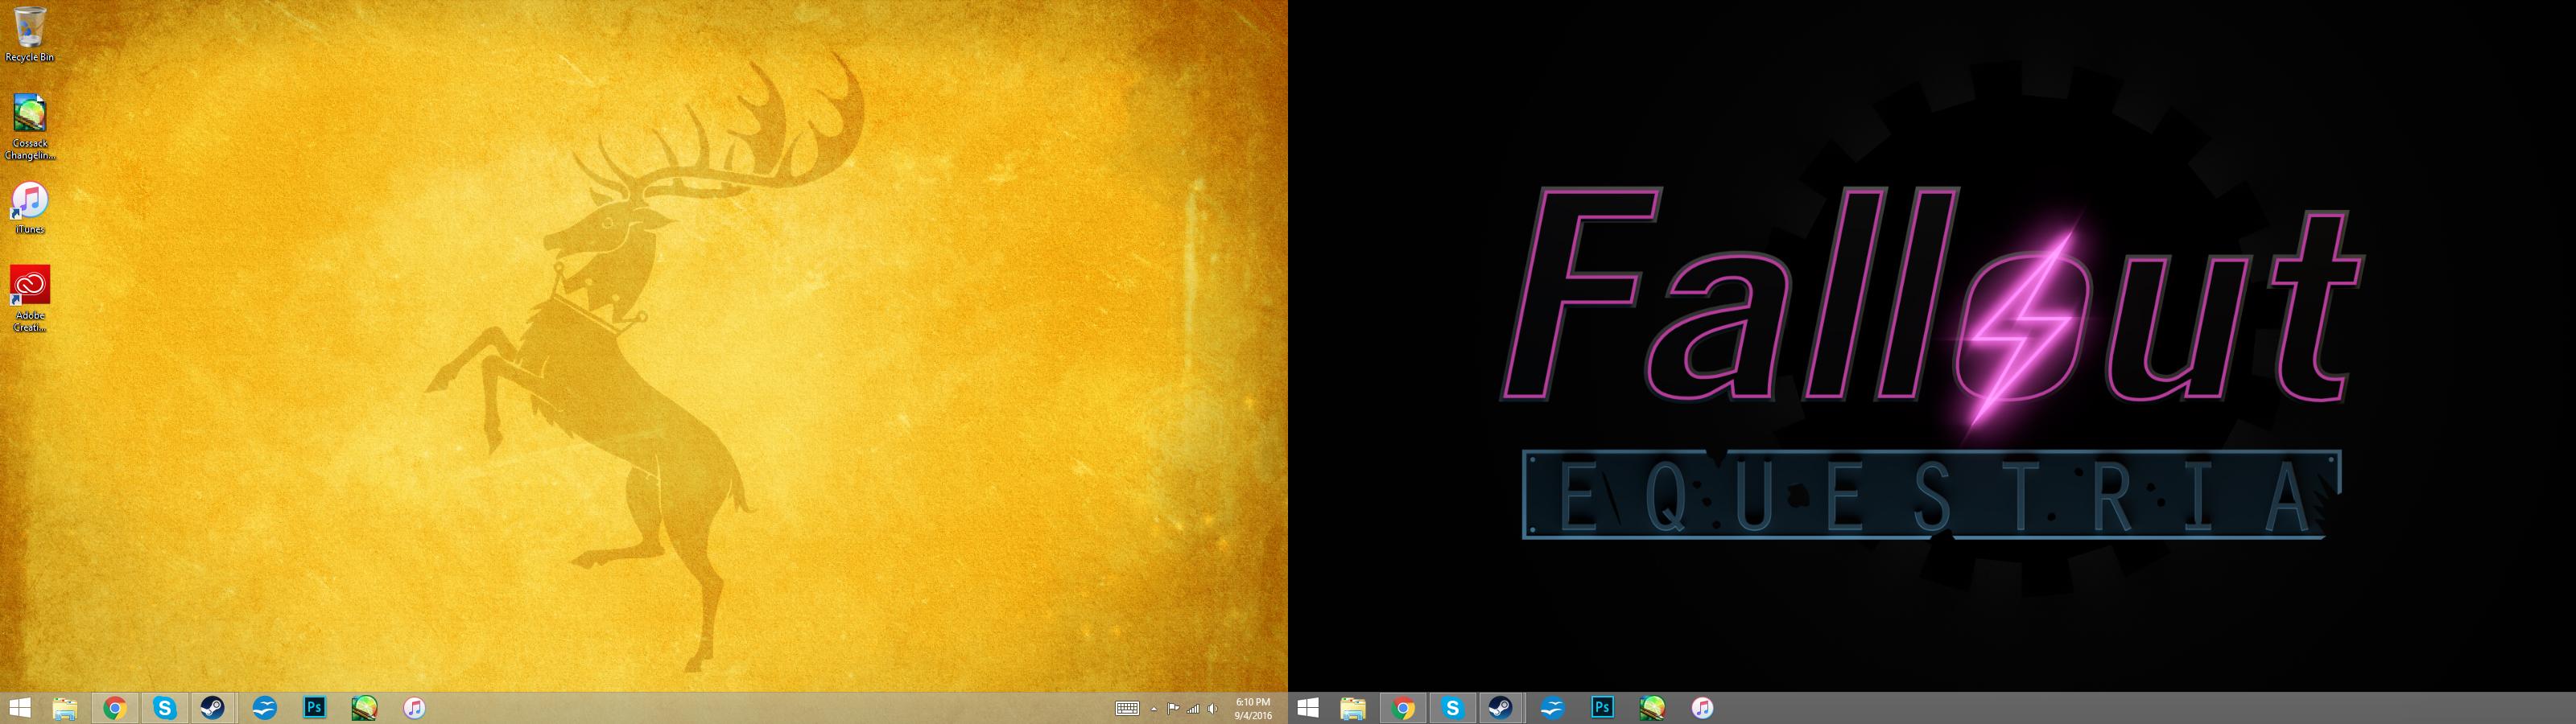 desktop_for_the_desktop_thread_by_aaronm